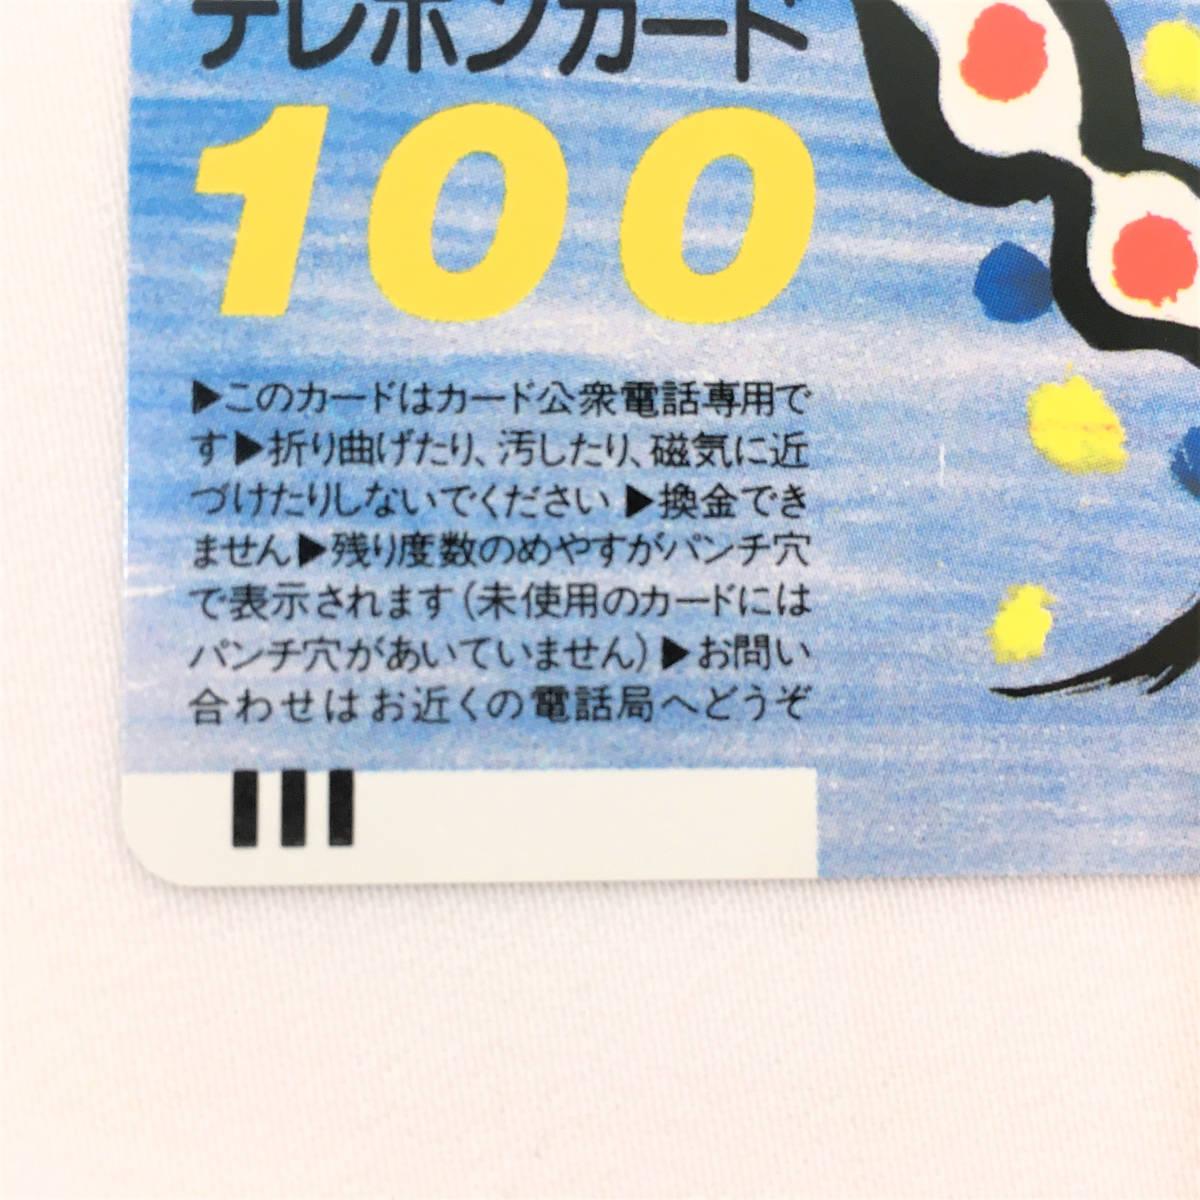 【未使用】 電電公社 岡本太郎 100度数 テレホンカード 矢印点線 バー3mm 計数12桁 昭和 初期 テレカ_画像3